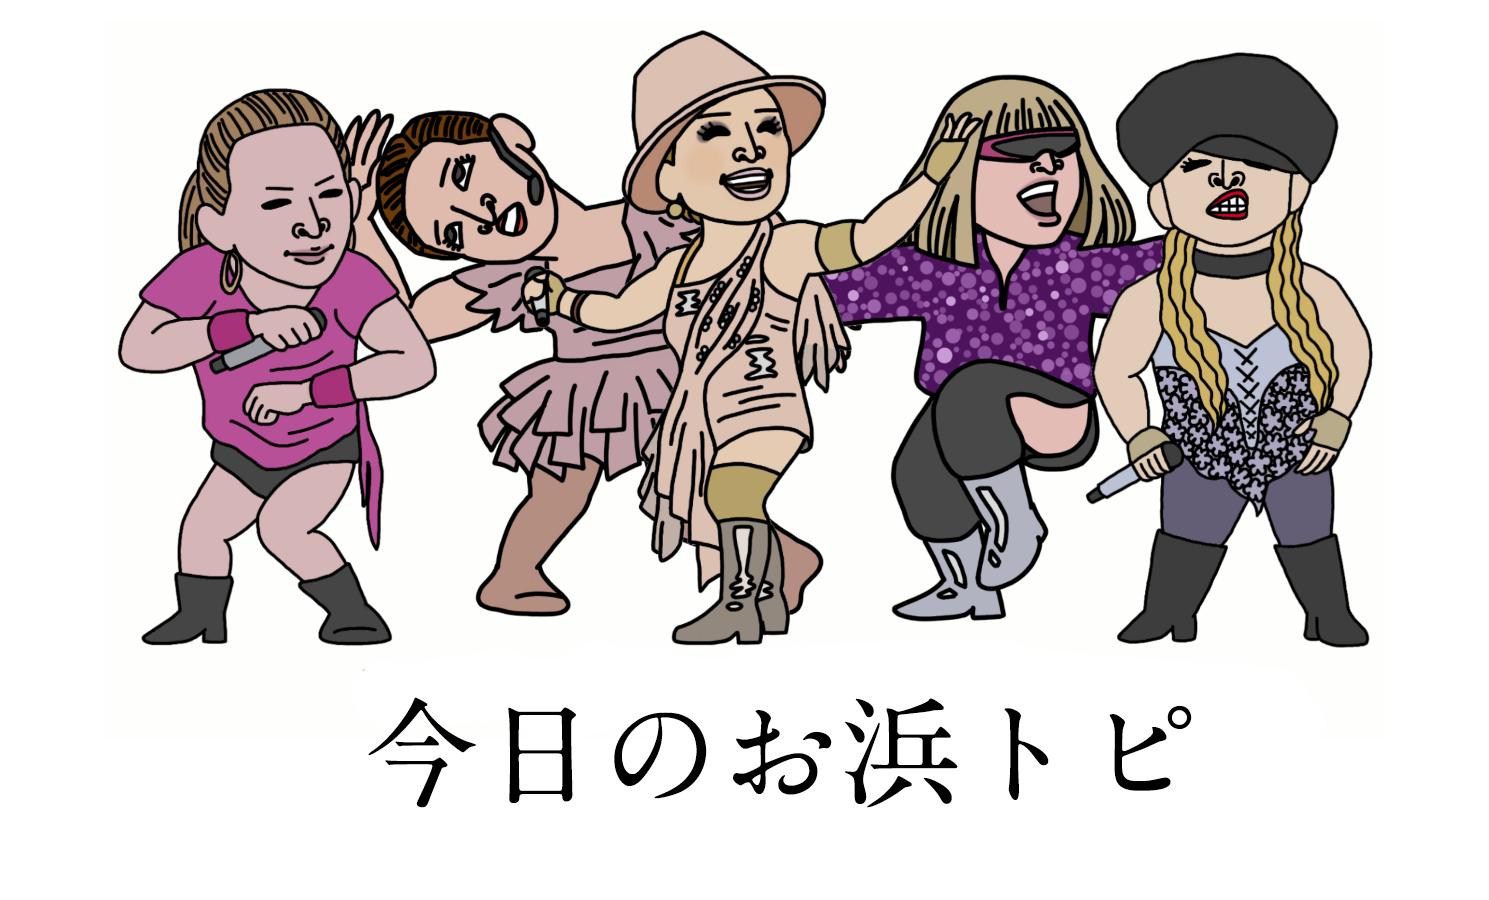 浜崎あゆみ、髪をグレーにイメチェン 松浦勝人社長との「有意義なミーティング」も